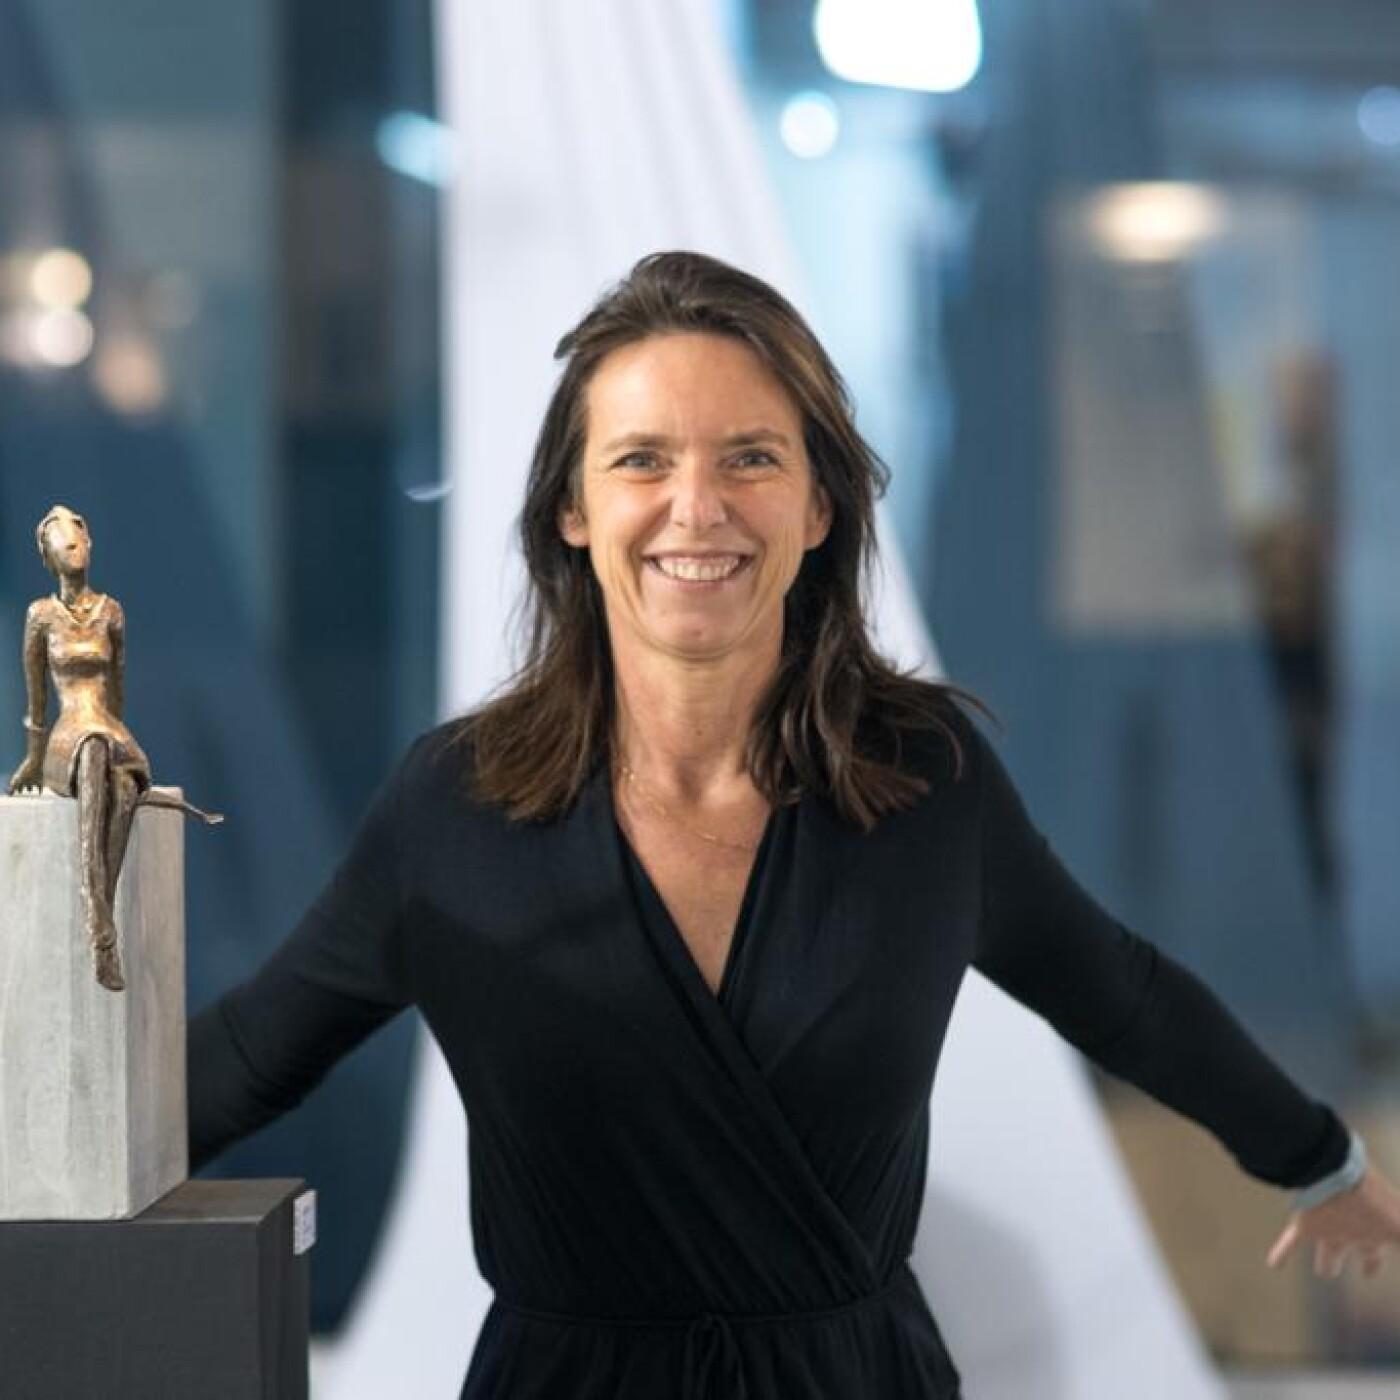 Gaëlle, artiste Française, sculpteure à NewYork, USA - 02 06 2021 - StereoChic Radio